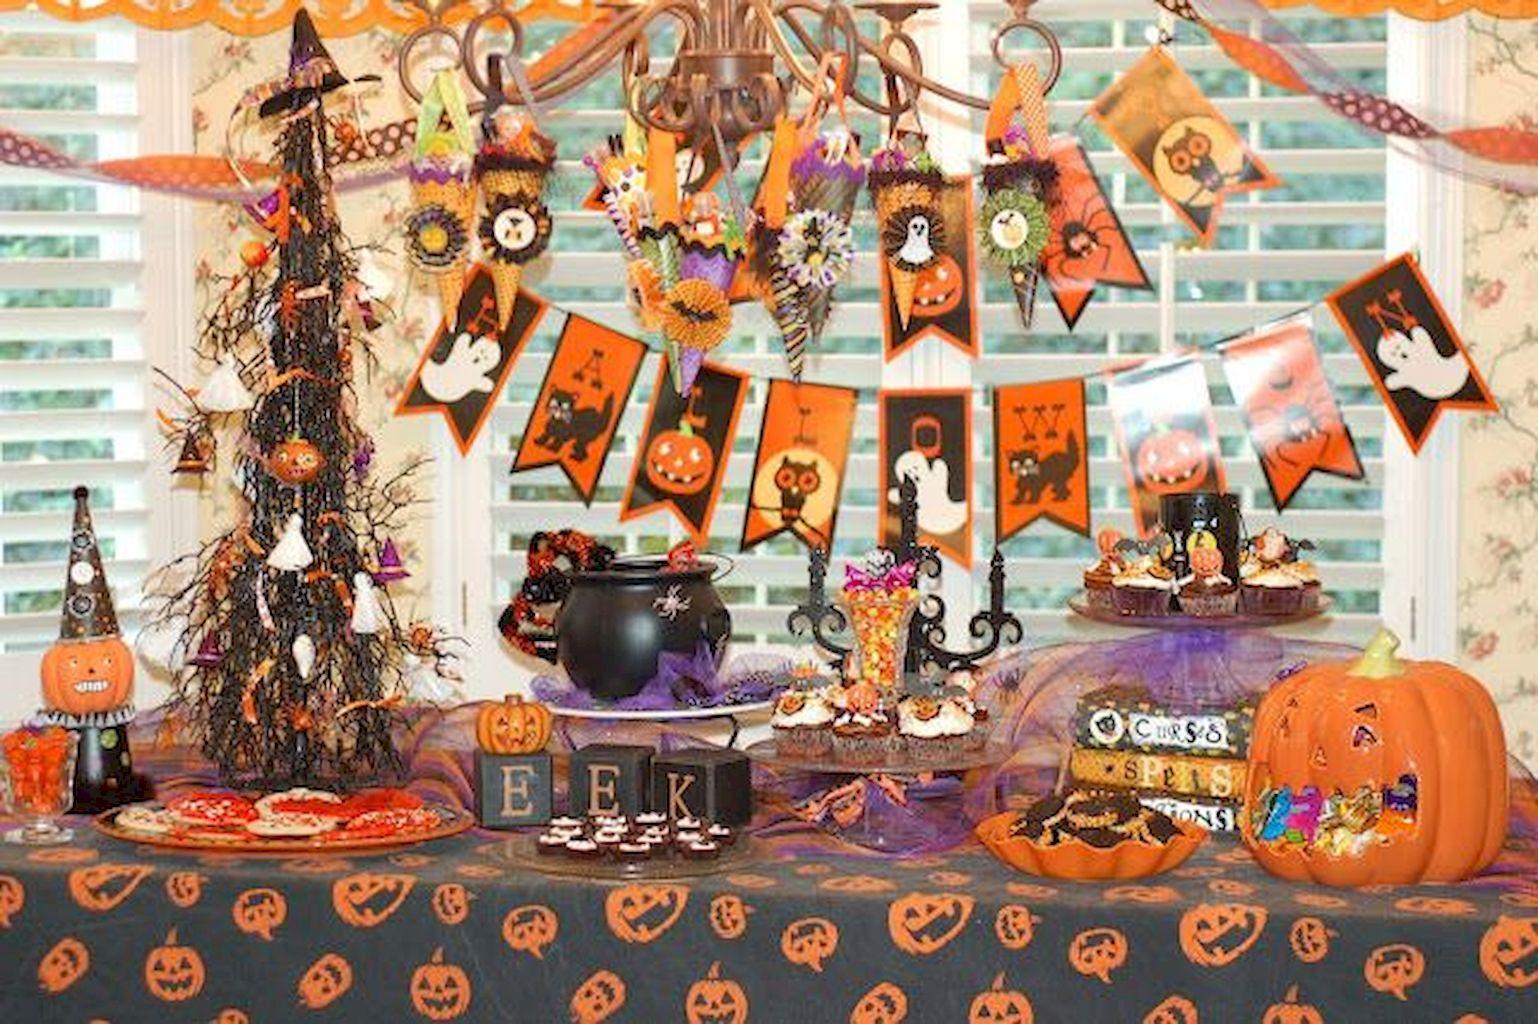 decoración de Halloween casera